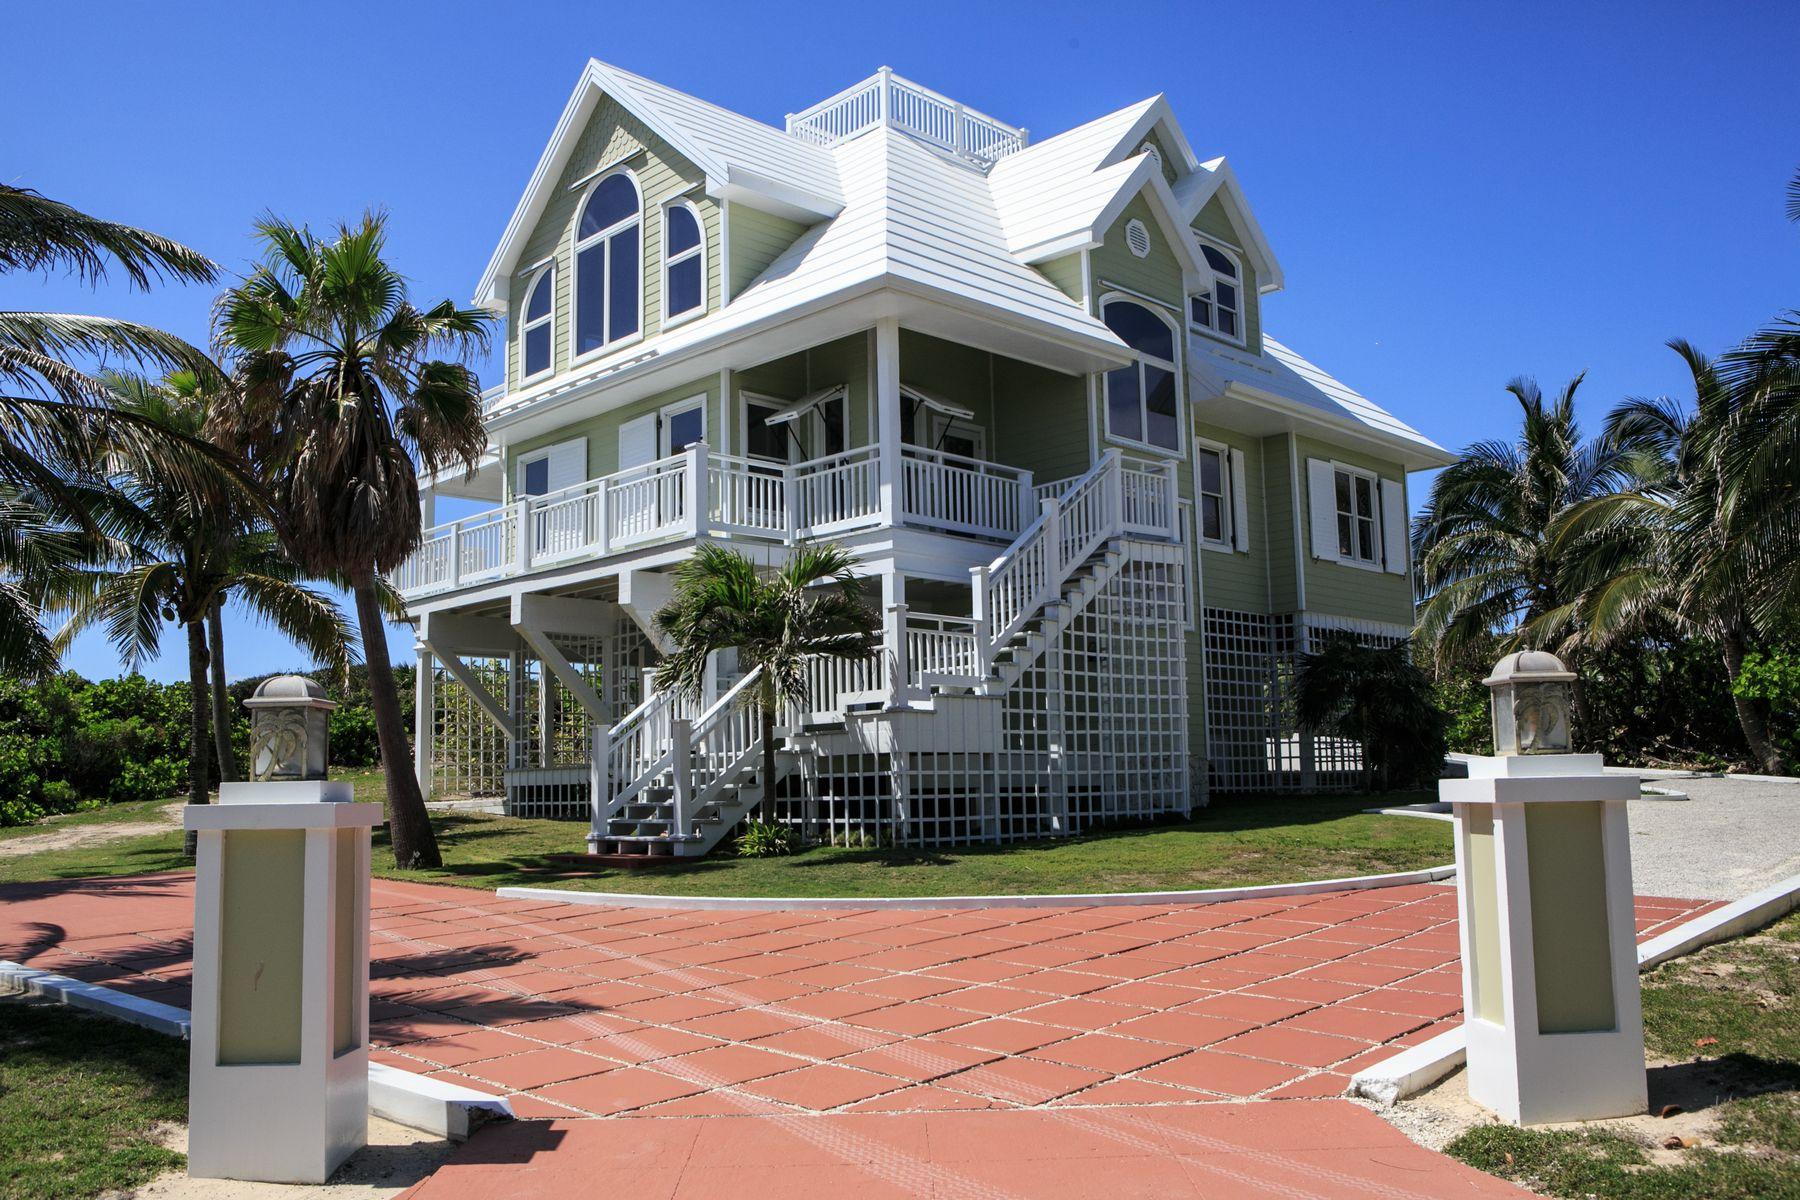 Einfamilienhaus für Verkauf beim Starry Night Other Bahamas, Andere Gebiete In Den Bahamas Bahamas